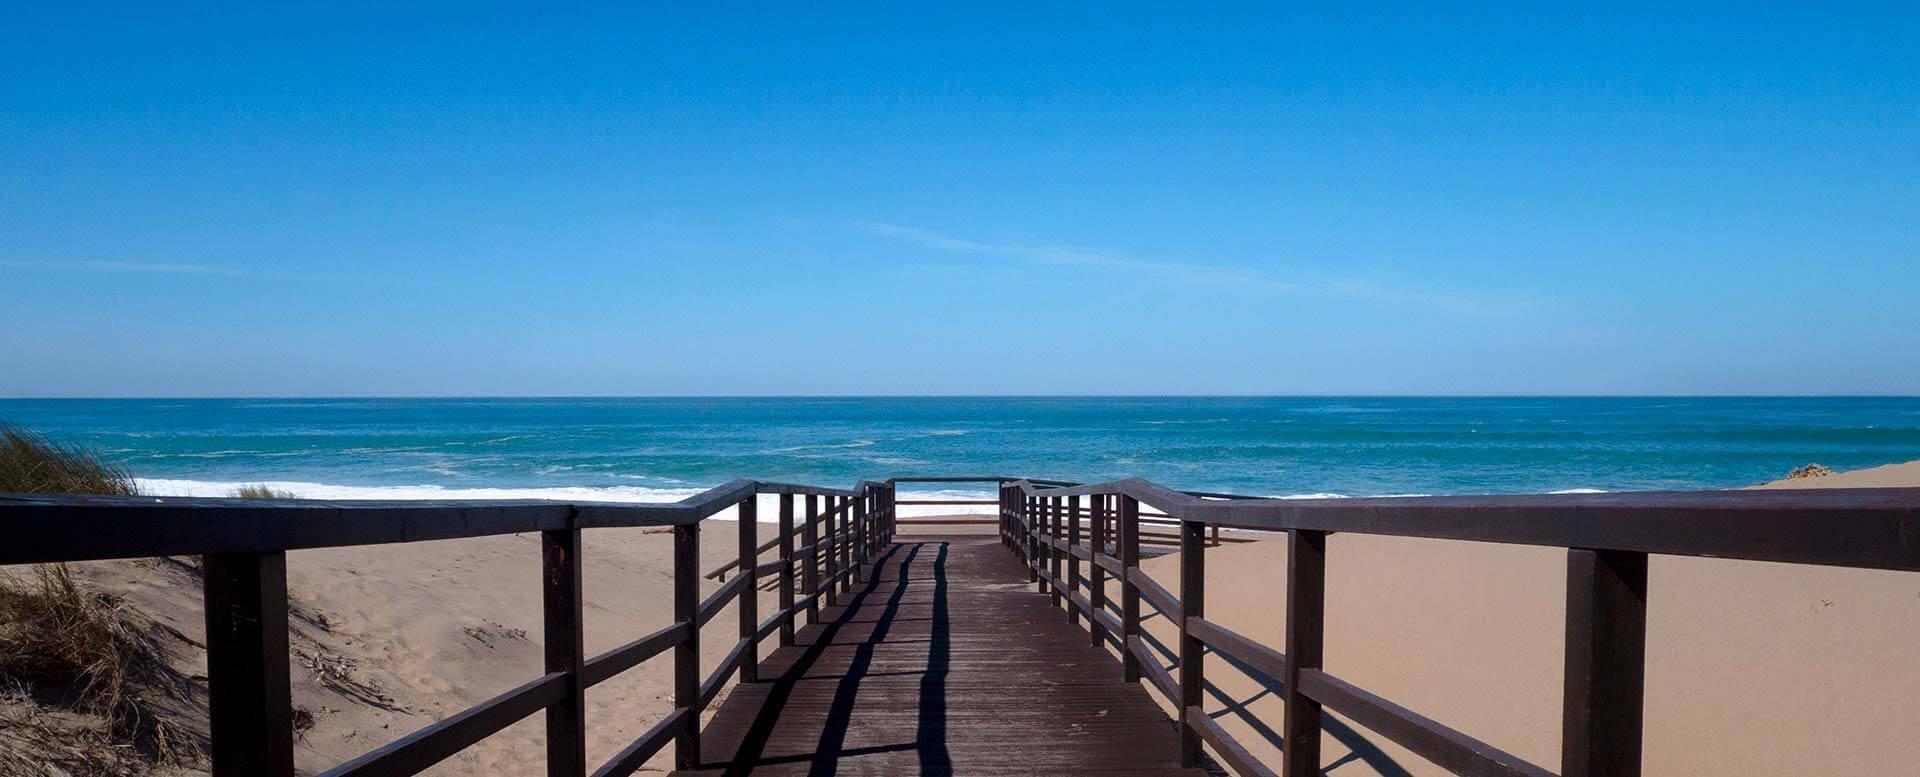 Nature et Résidence - Parc résidentiel de loisir - mer